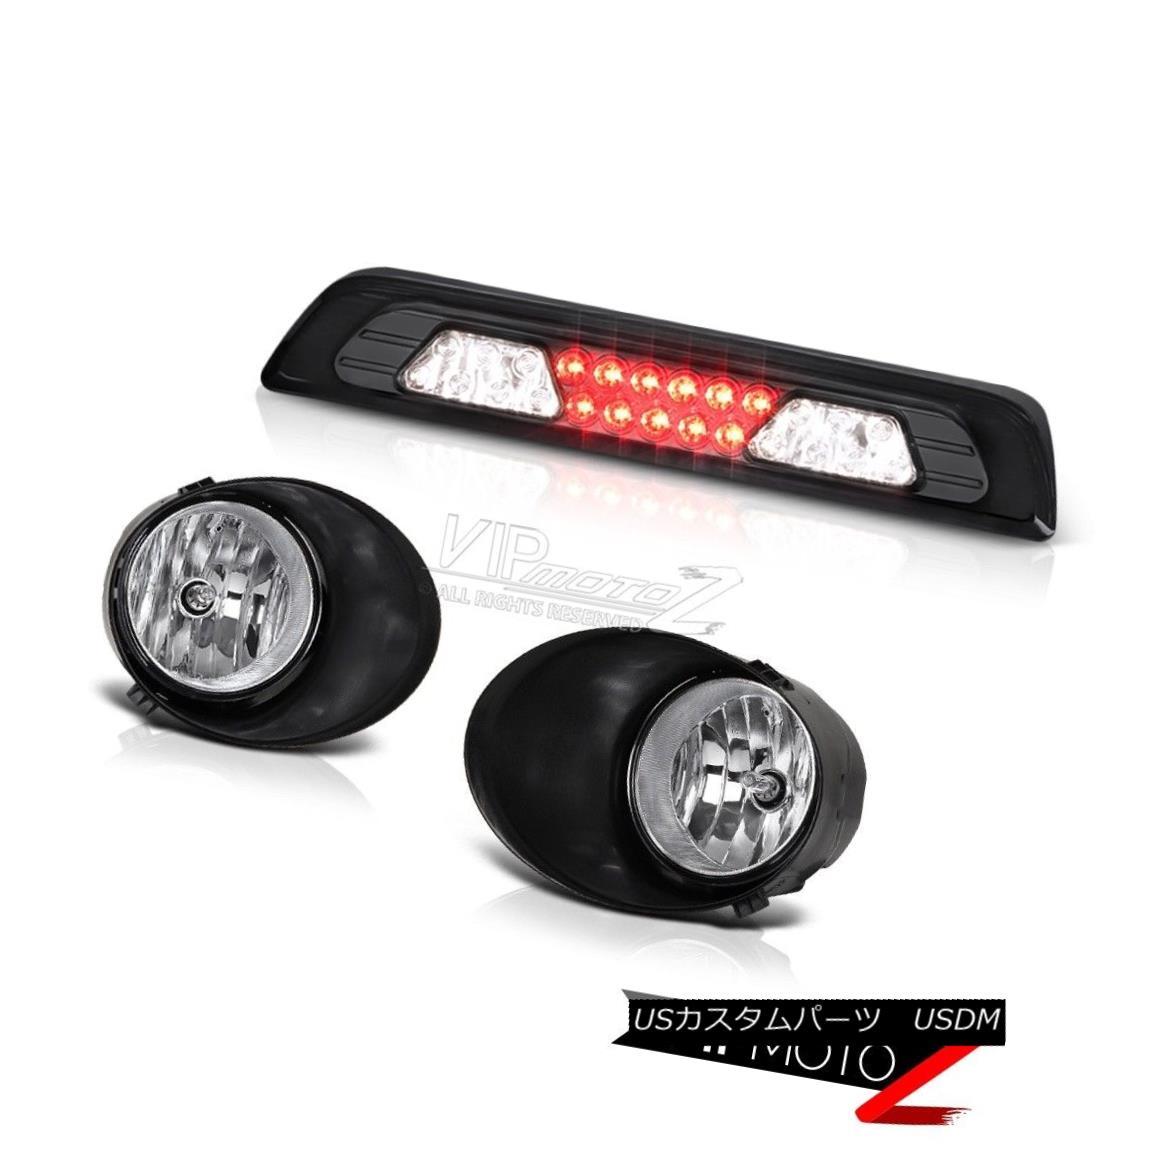 テールライト 07-13 Foglamps Toyota Tundra High Smoke Platinum Chrome Foglamps Graphite Smoke High Stop Lamp LED 07-13トヨタトンドラプラチナクロムフォグランプグラファイトスモークハイストップランプ, エアガン卸売直営良品武品:8a4ca7b8 --- officewill.xsrv.jp